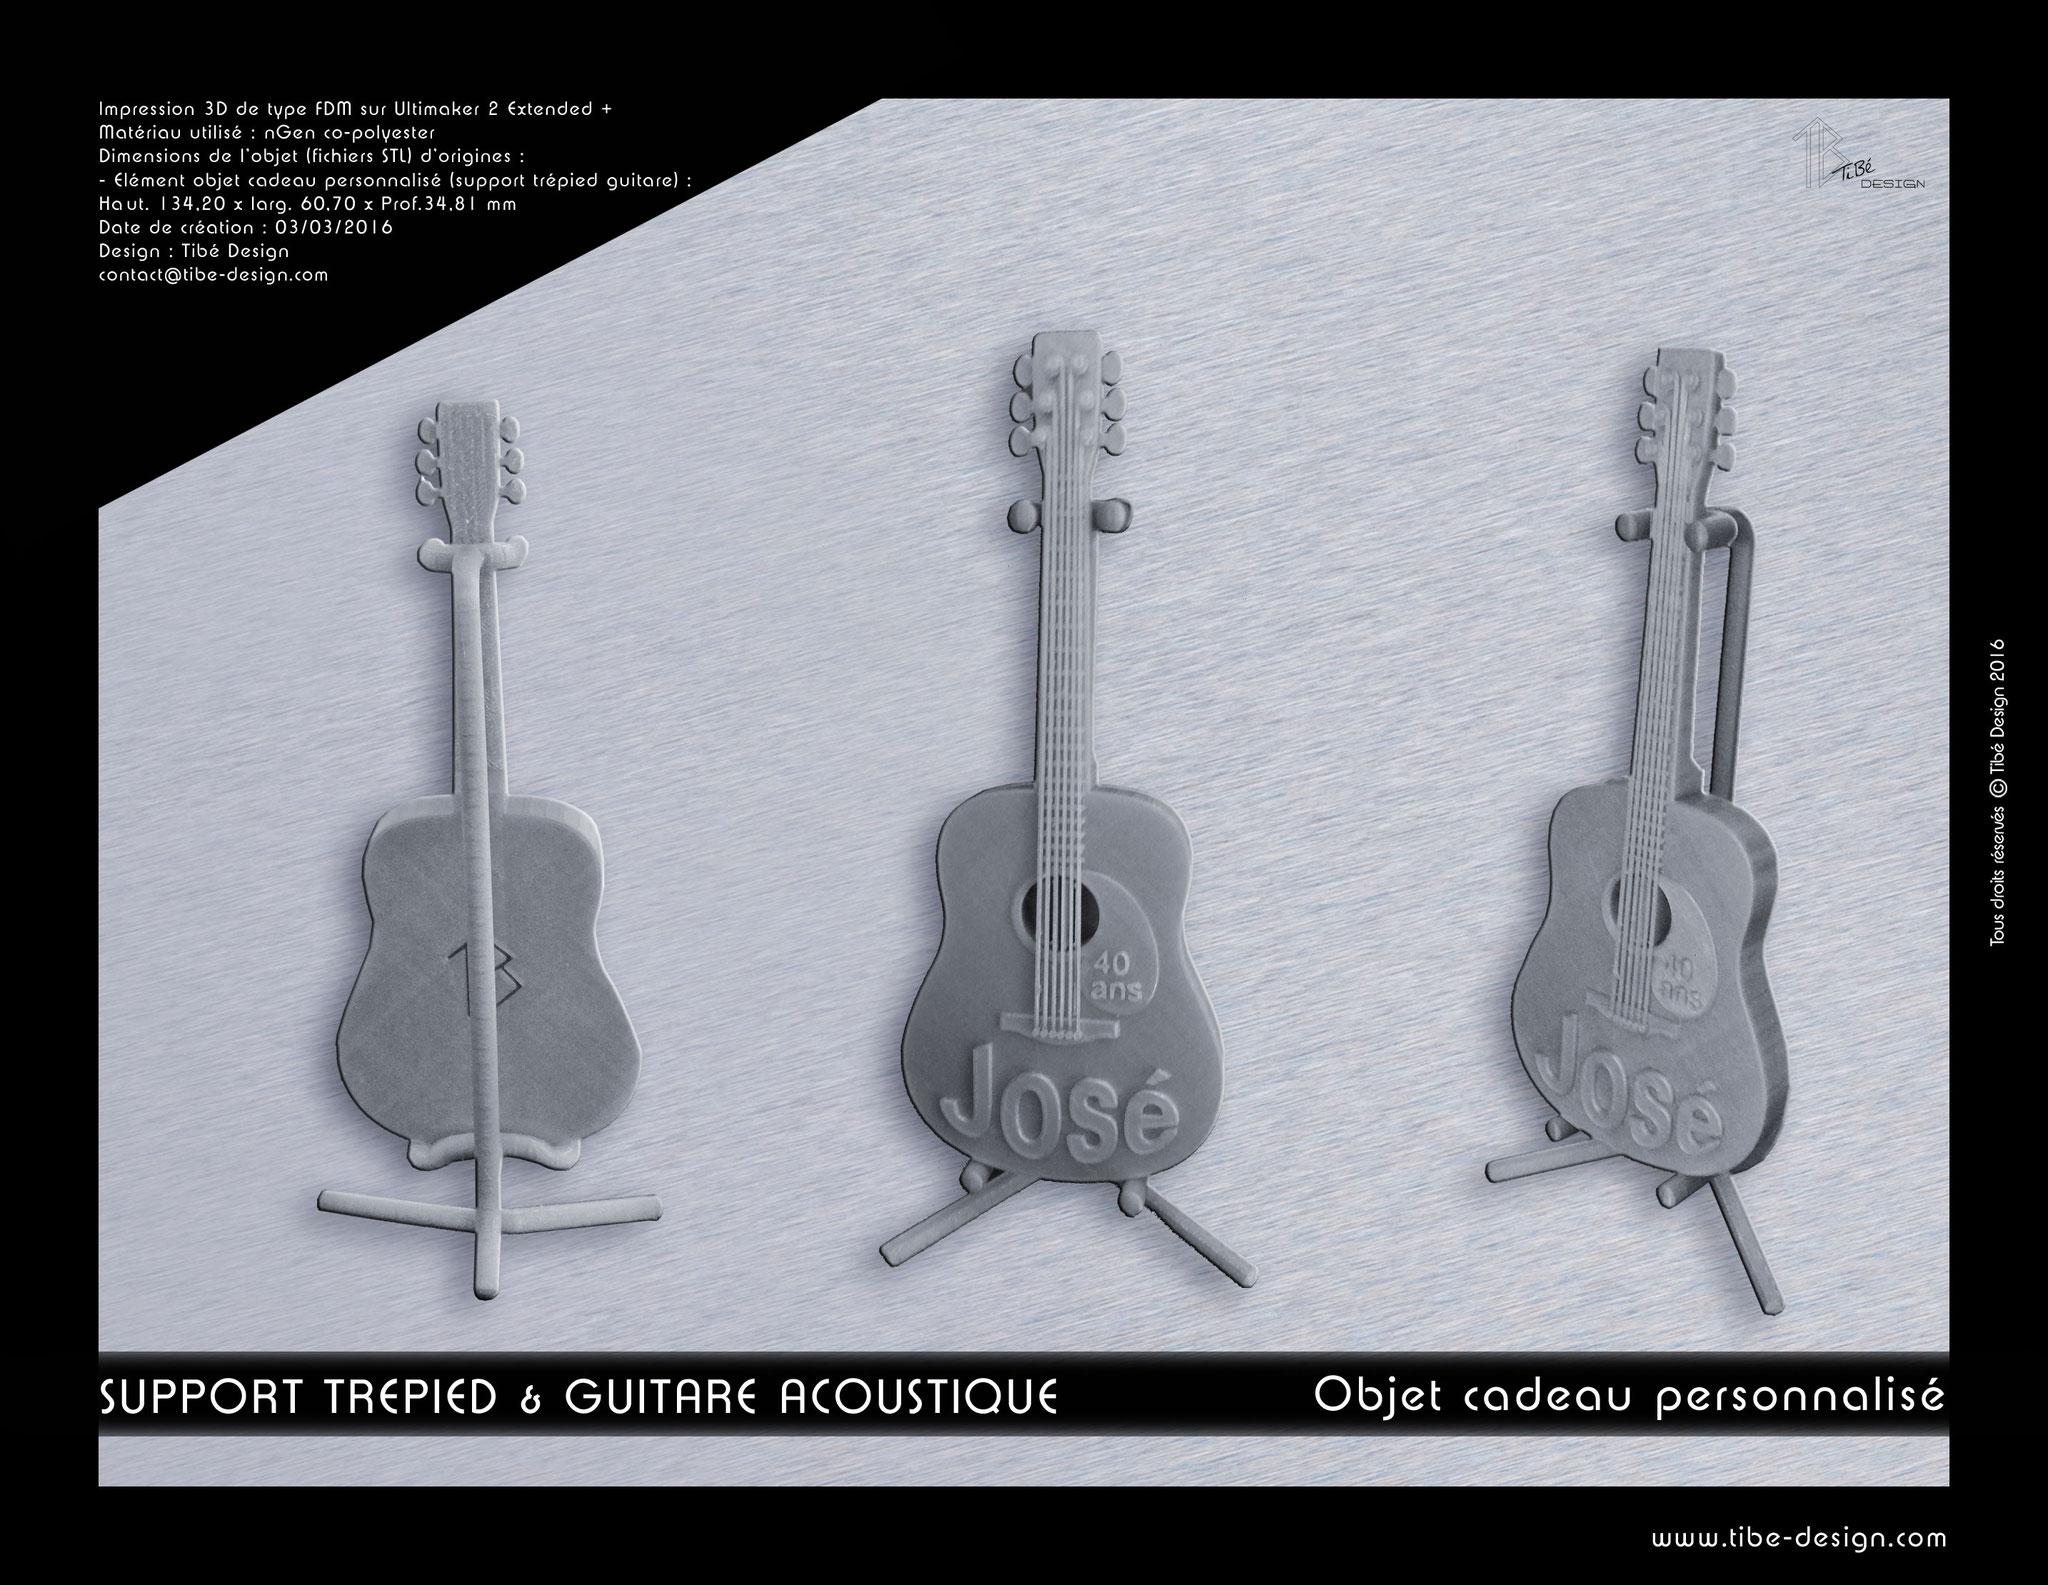 Objet cadeau spécial anniv' personnalisé print 3D Guitare acoustique